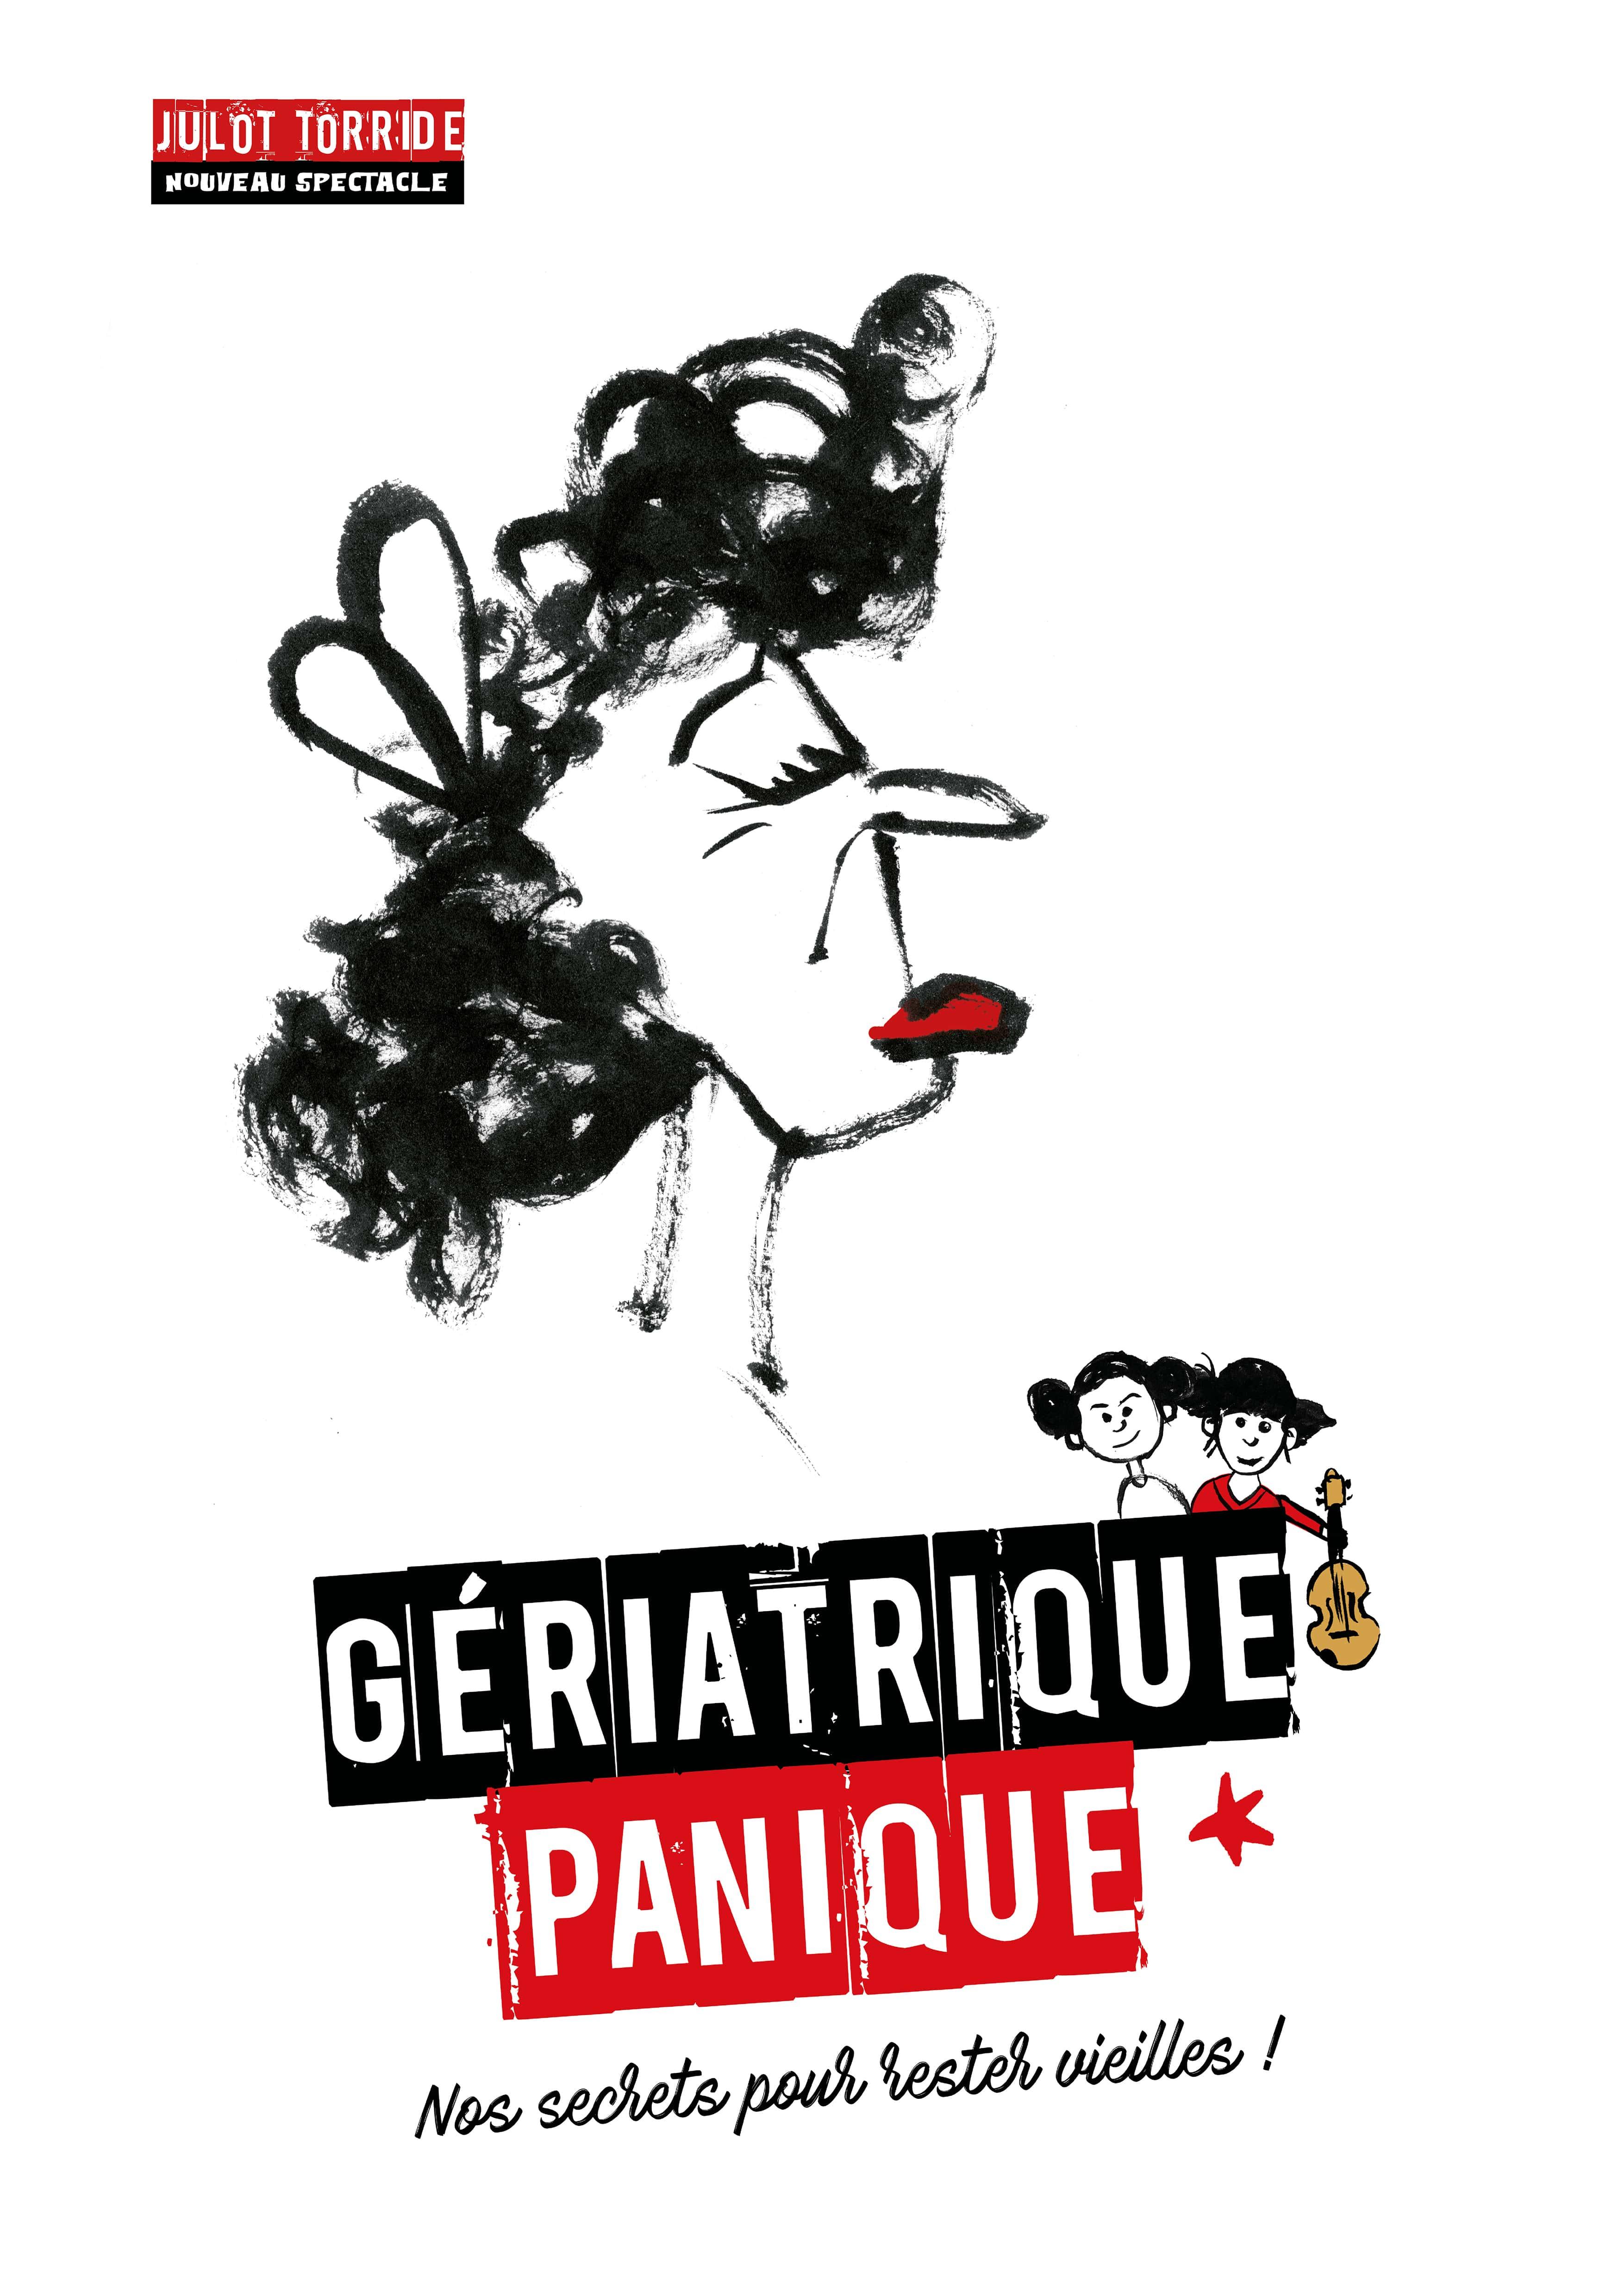 Bistrots Guinguettes avec Julot Torride - NAINTRE